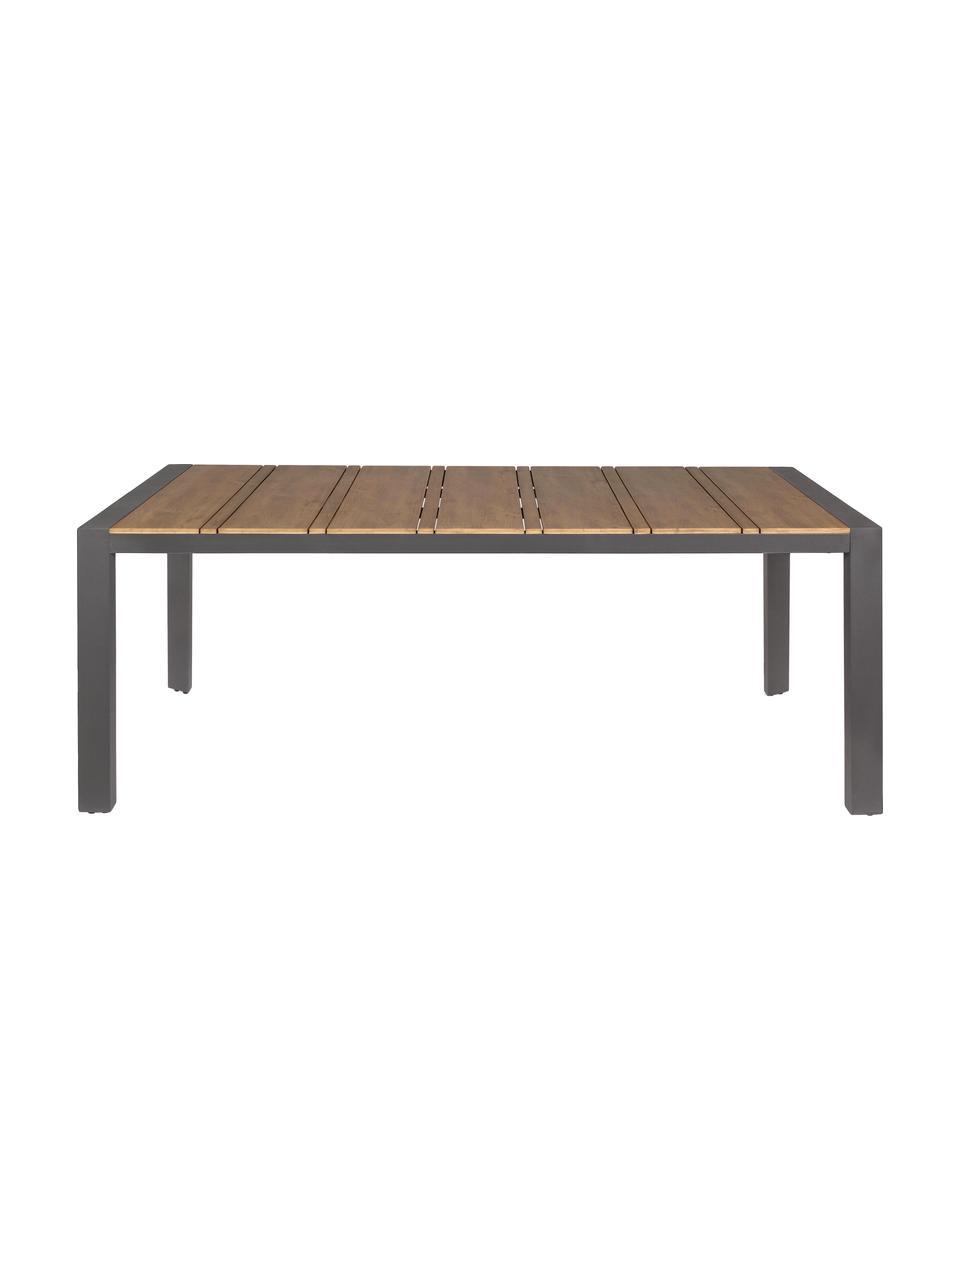 Tavolo da giardino Elias, Piano d'appoggio: compensato rivestito, Gambe: alluminio verniciato a po, Antracite, marrone, Larg. 198 x Prof. 100 cm